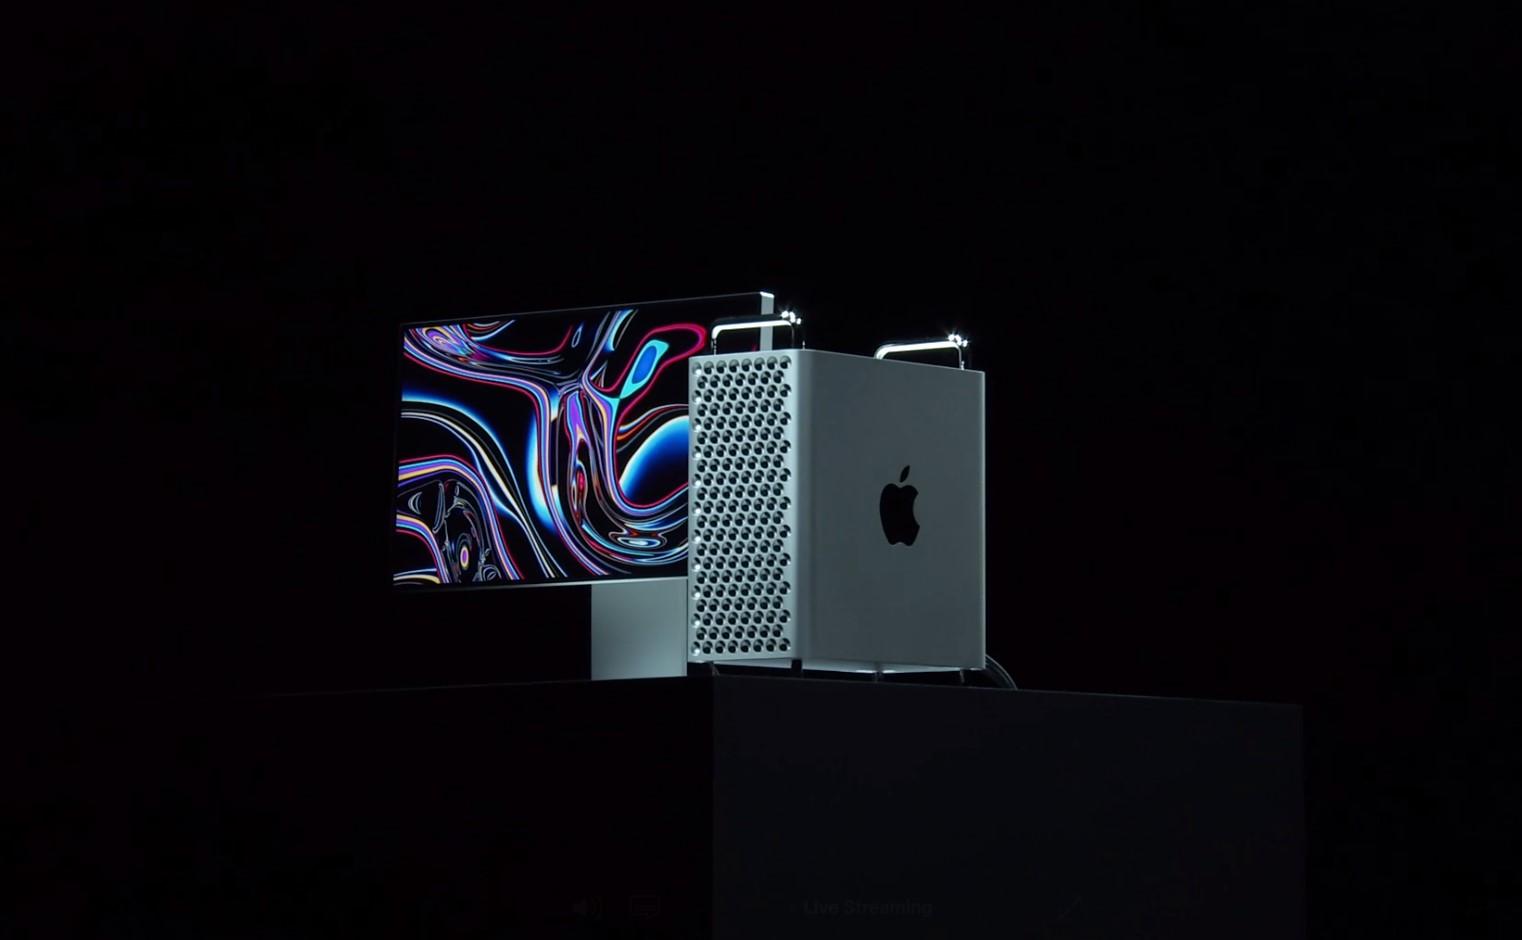 Le Mac Pro 2019 et un écran Pro Display XDR : une station de travail polyvalente, puissante et très onéreuse